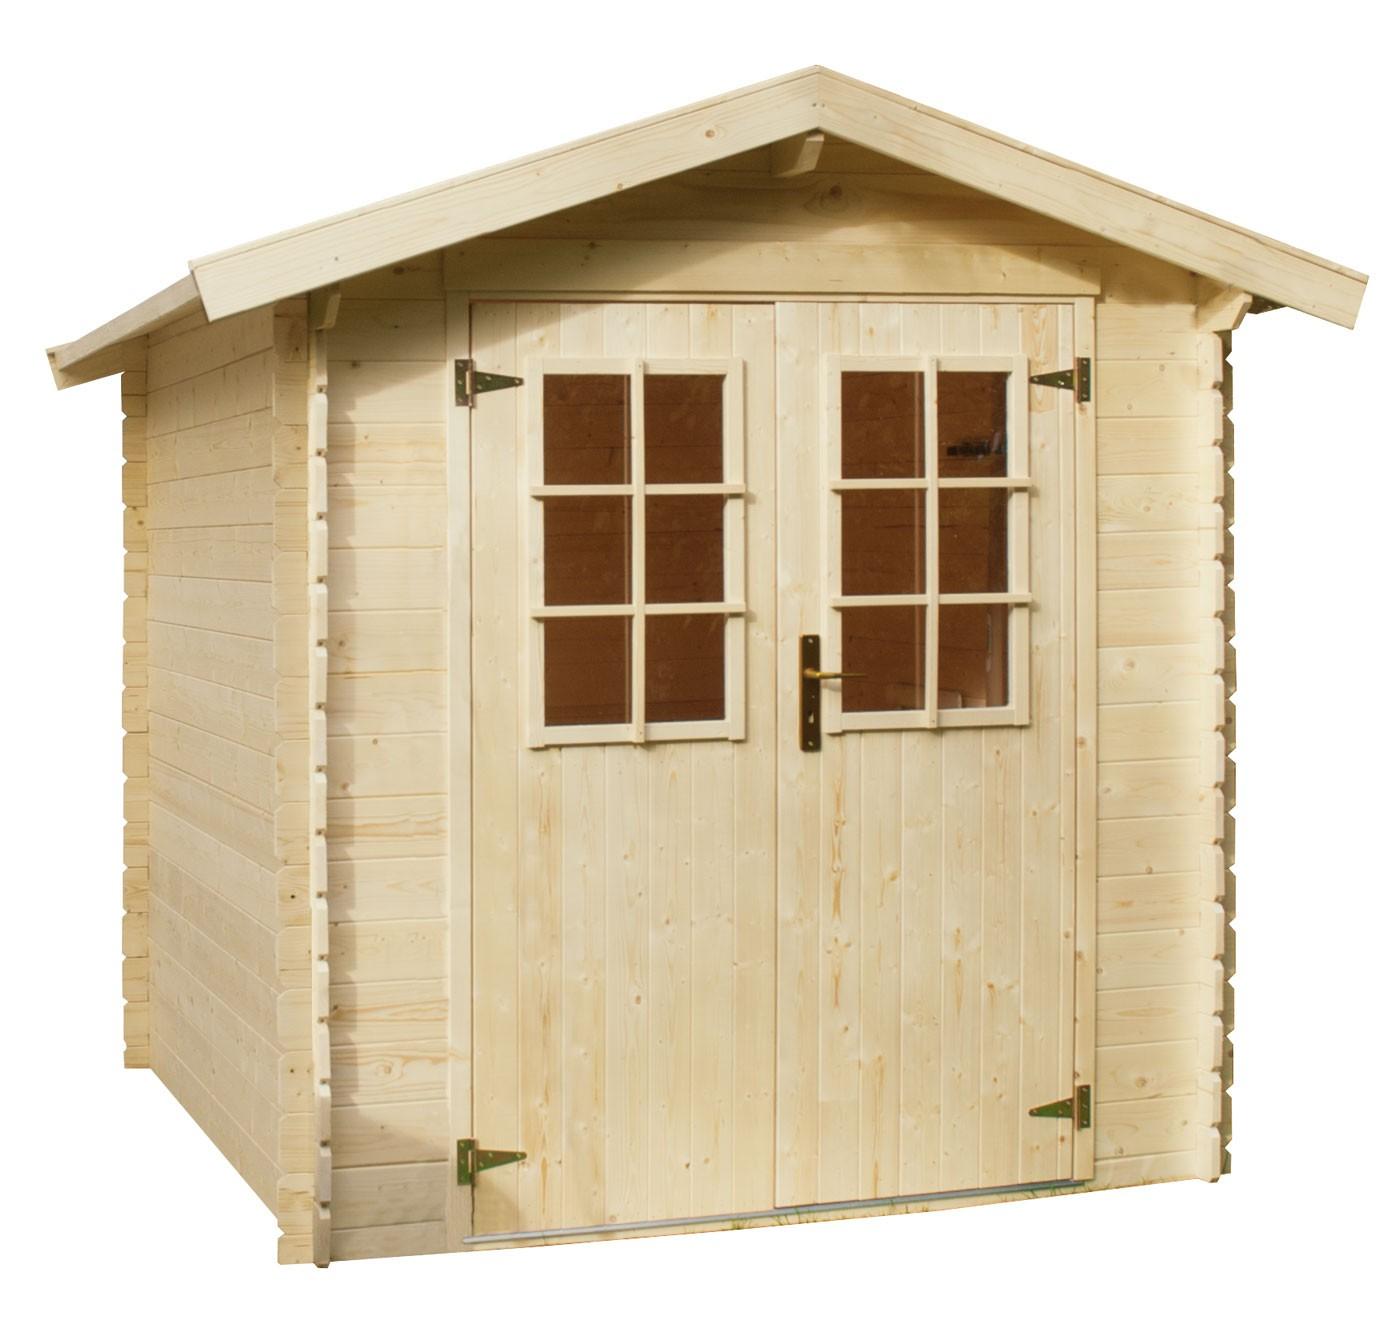 Abri pour ext rieur en bois - Plan abri de jardin en bois gratuit ...